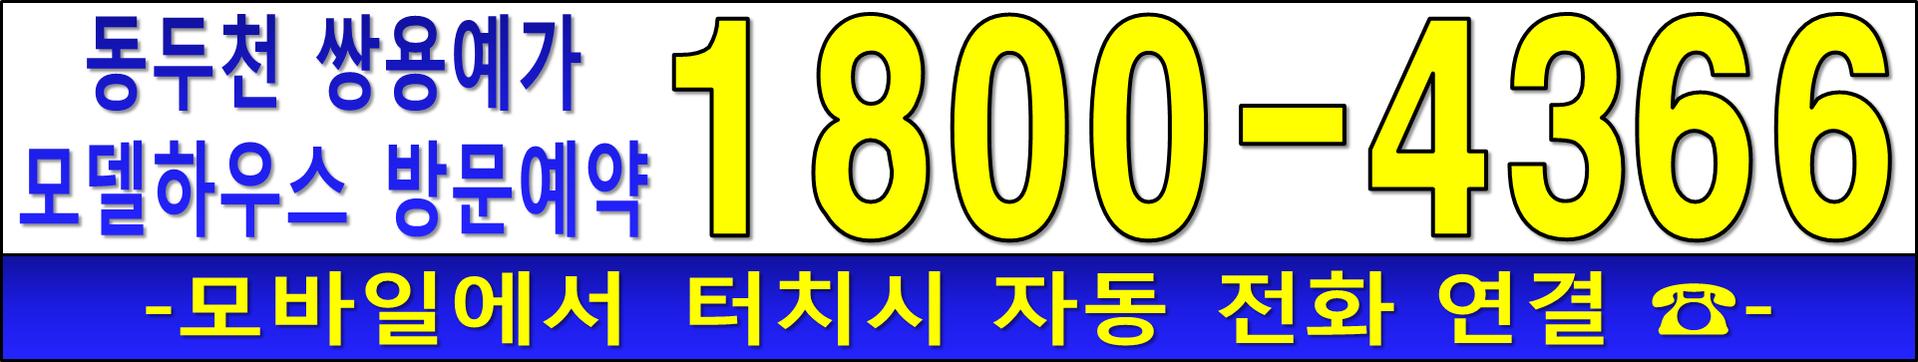 동두천 쌍용예가 더테라스힐 전화걸기2